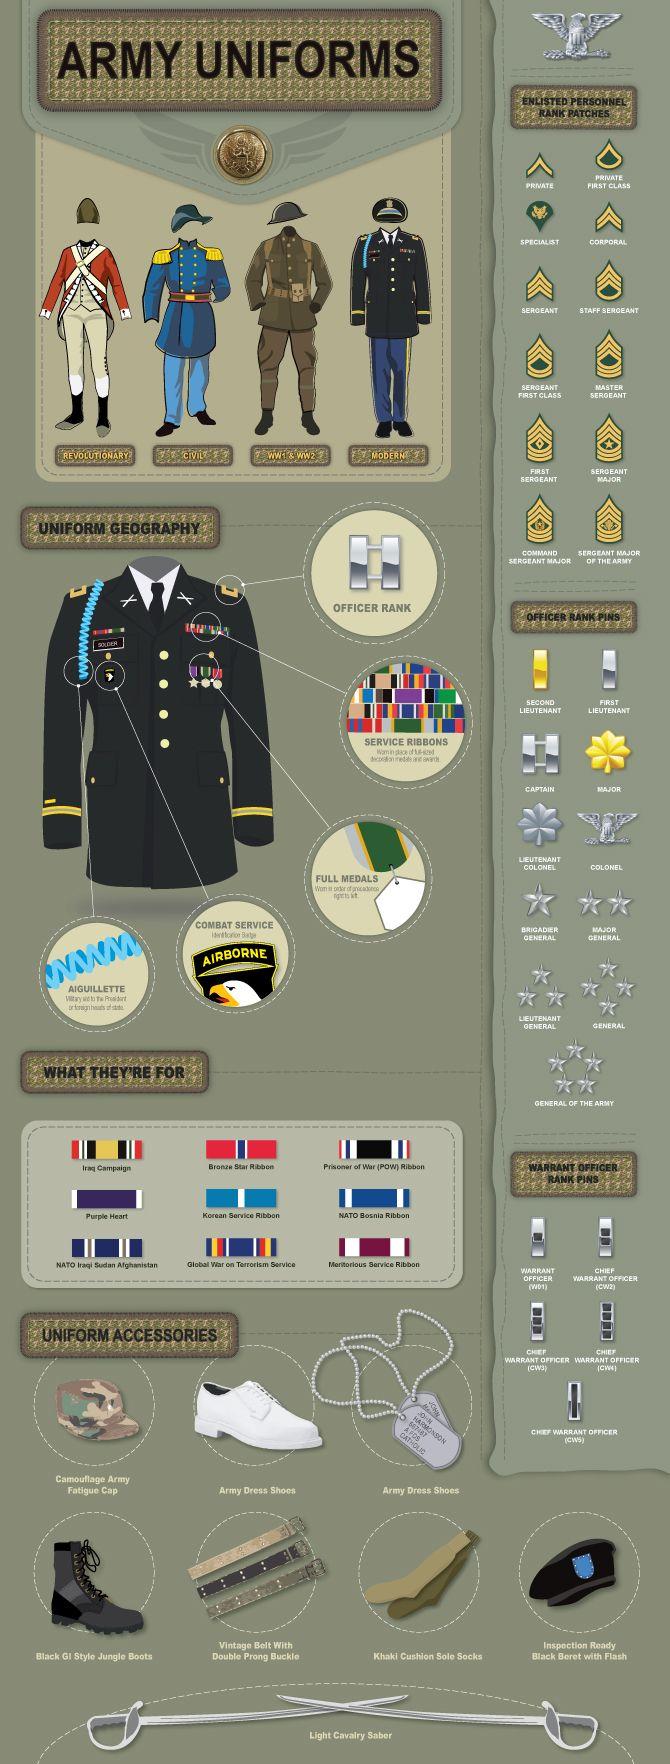 Another interesting picture I've just found - a military uniform explained.   ~ Американската униформа и какво означават нашивките и медалите!